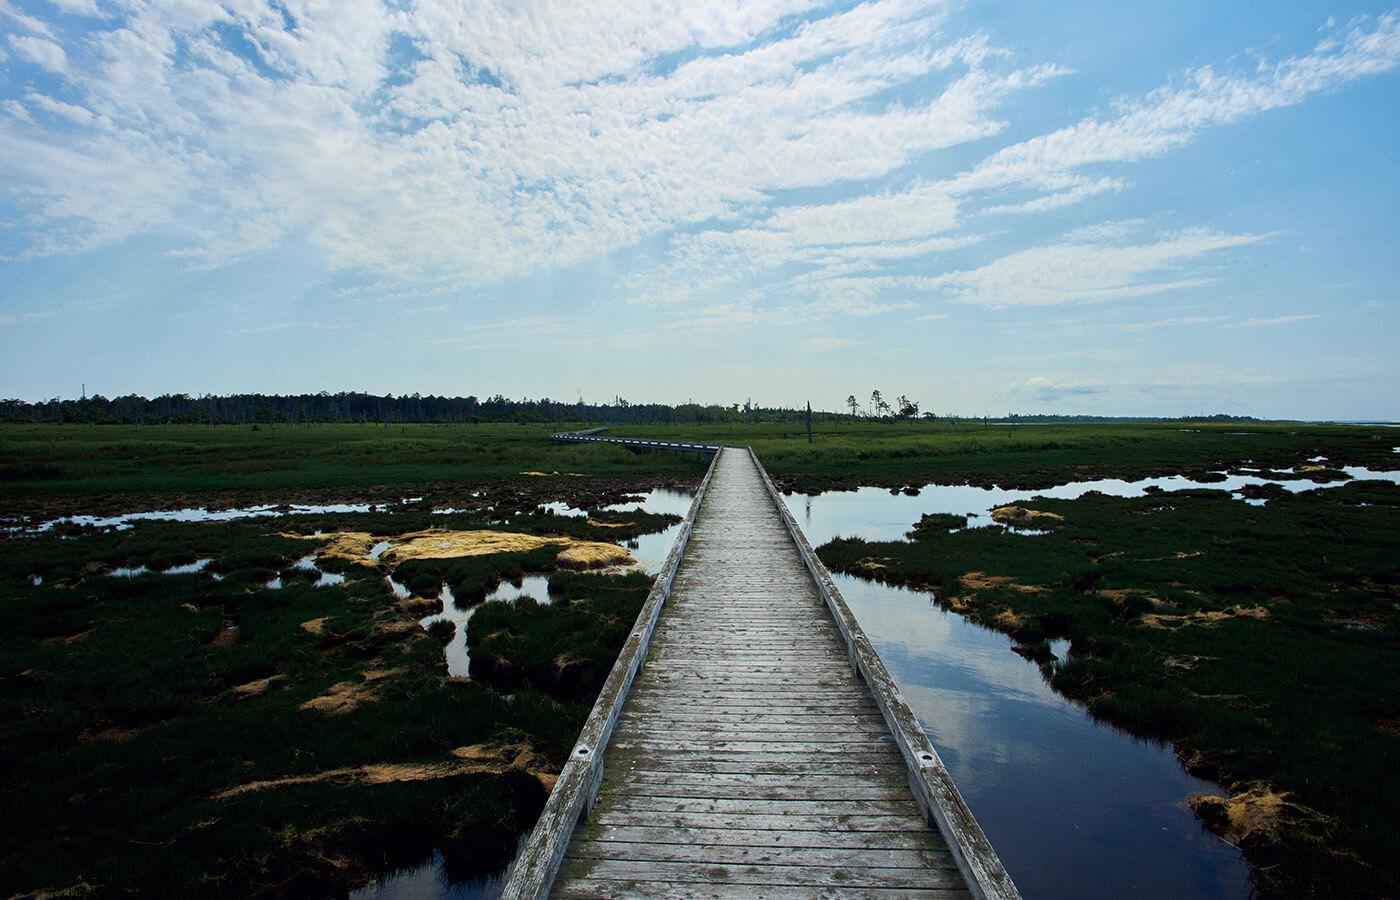 ラムサール条約登録湿地、春国岱と風蓮湖。砂が堆積した陸地である春国岱と、野鳥や動物たちの楽園、風蓮湖。オオハクチョウ、タンチョウ、オオワシ、オジロワシ、シマフクロウといった稀少な野鳥も多く暮らしている。